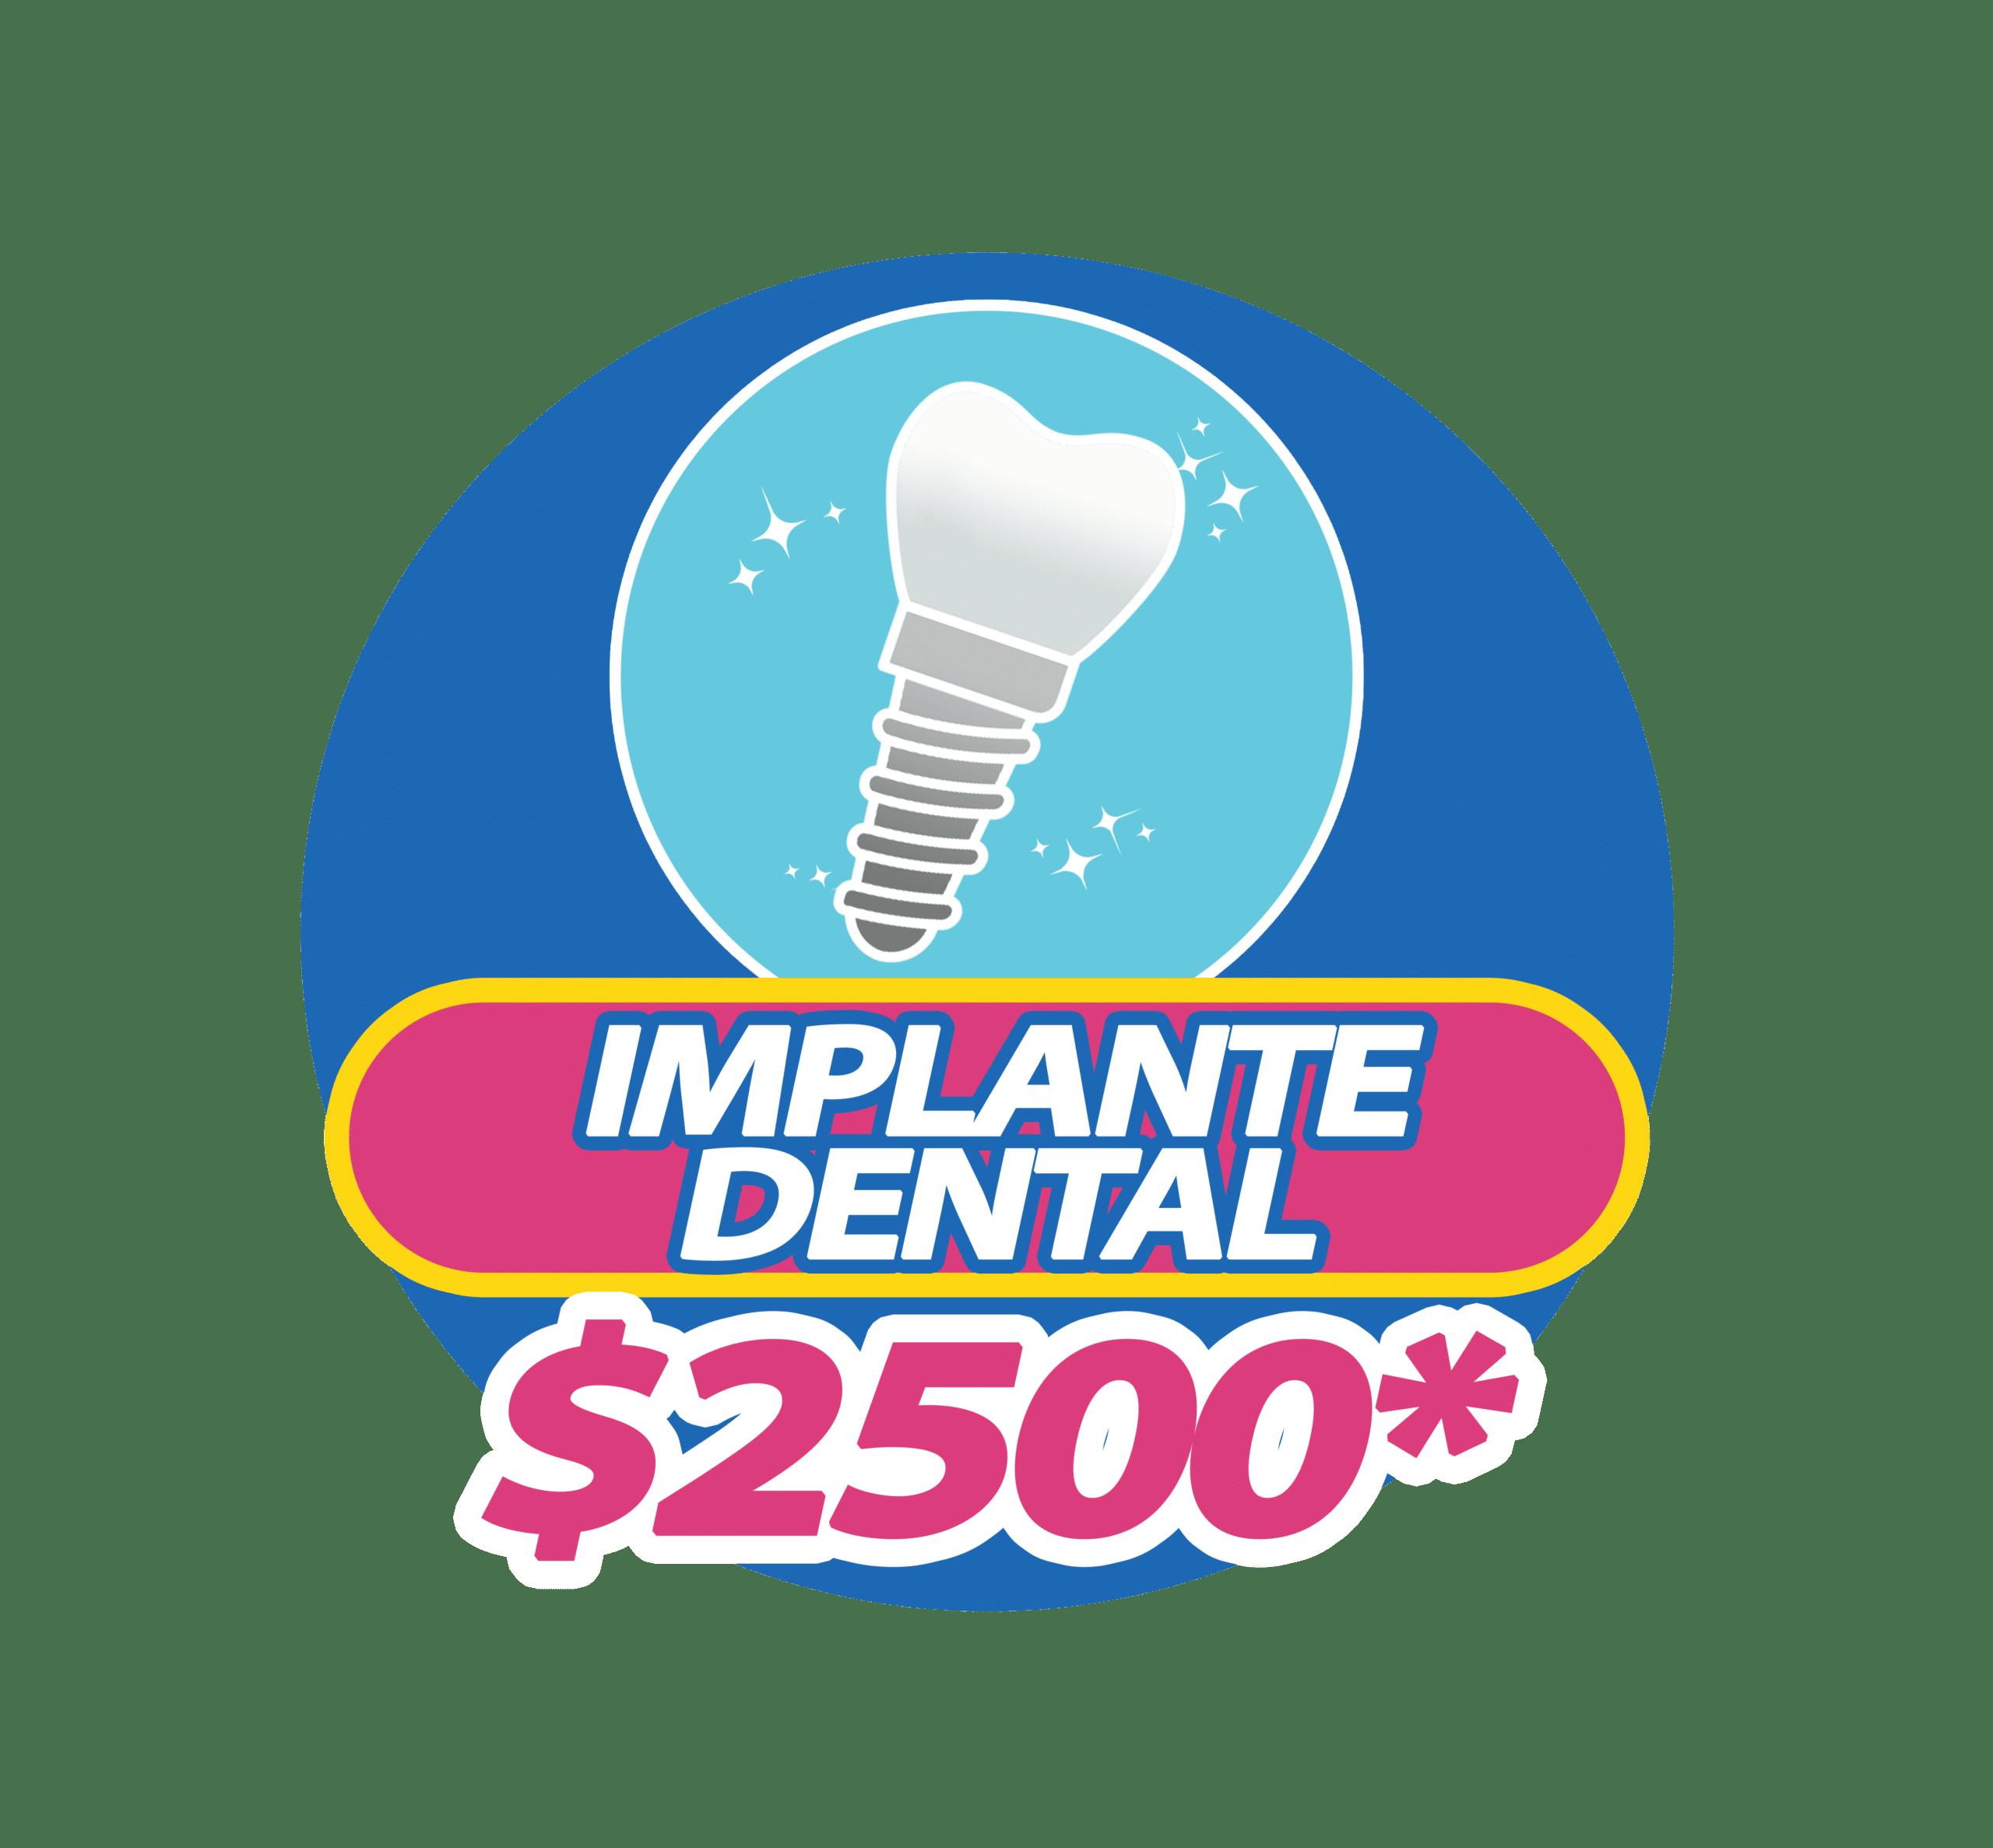 Implantes dentales en Somos Dental